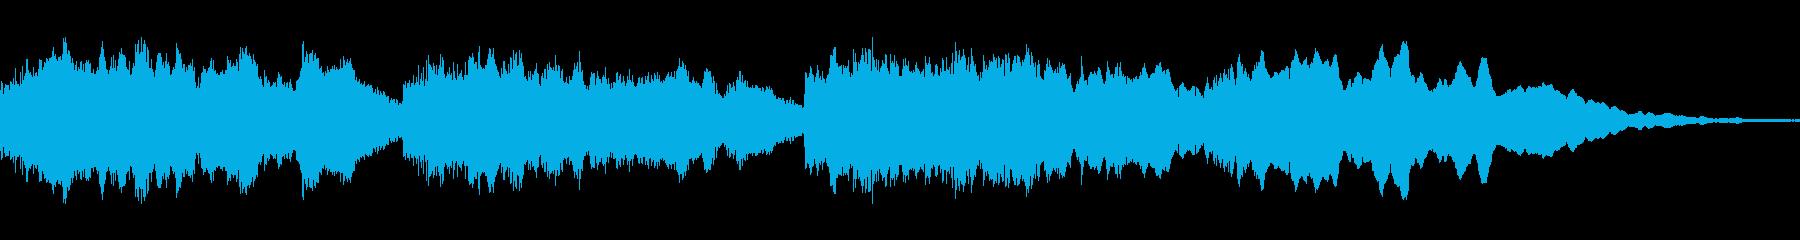 フルートが奏でる優しいソフトなメロディーの再生済みの波形